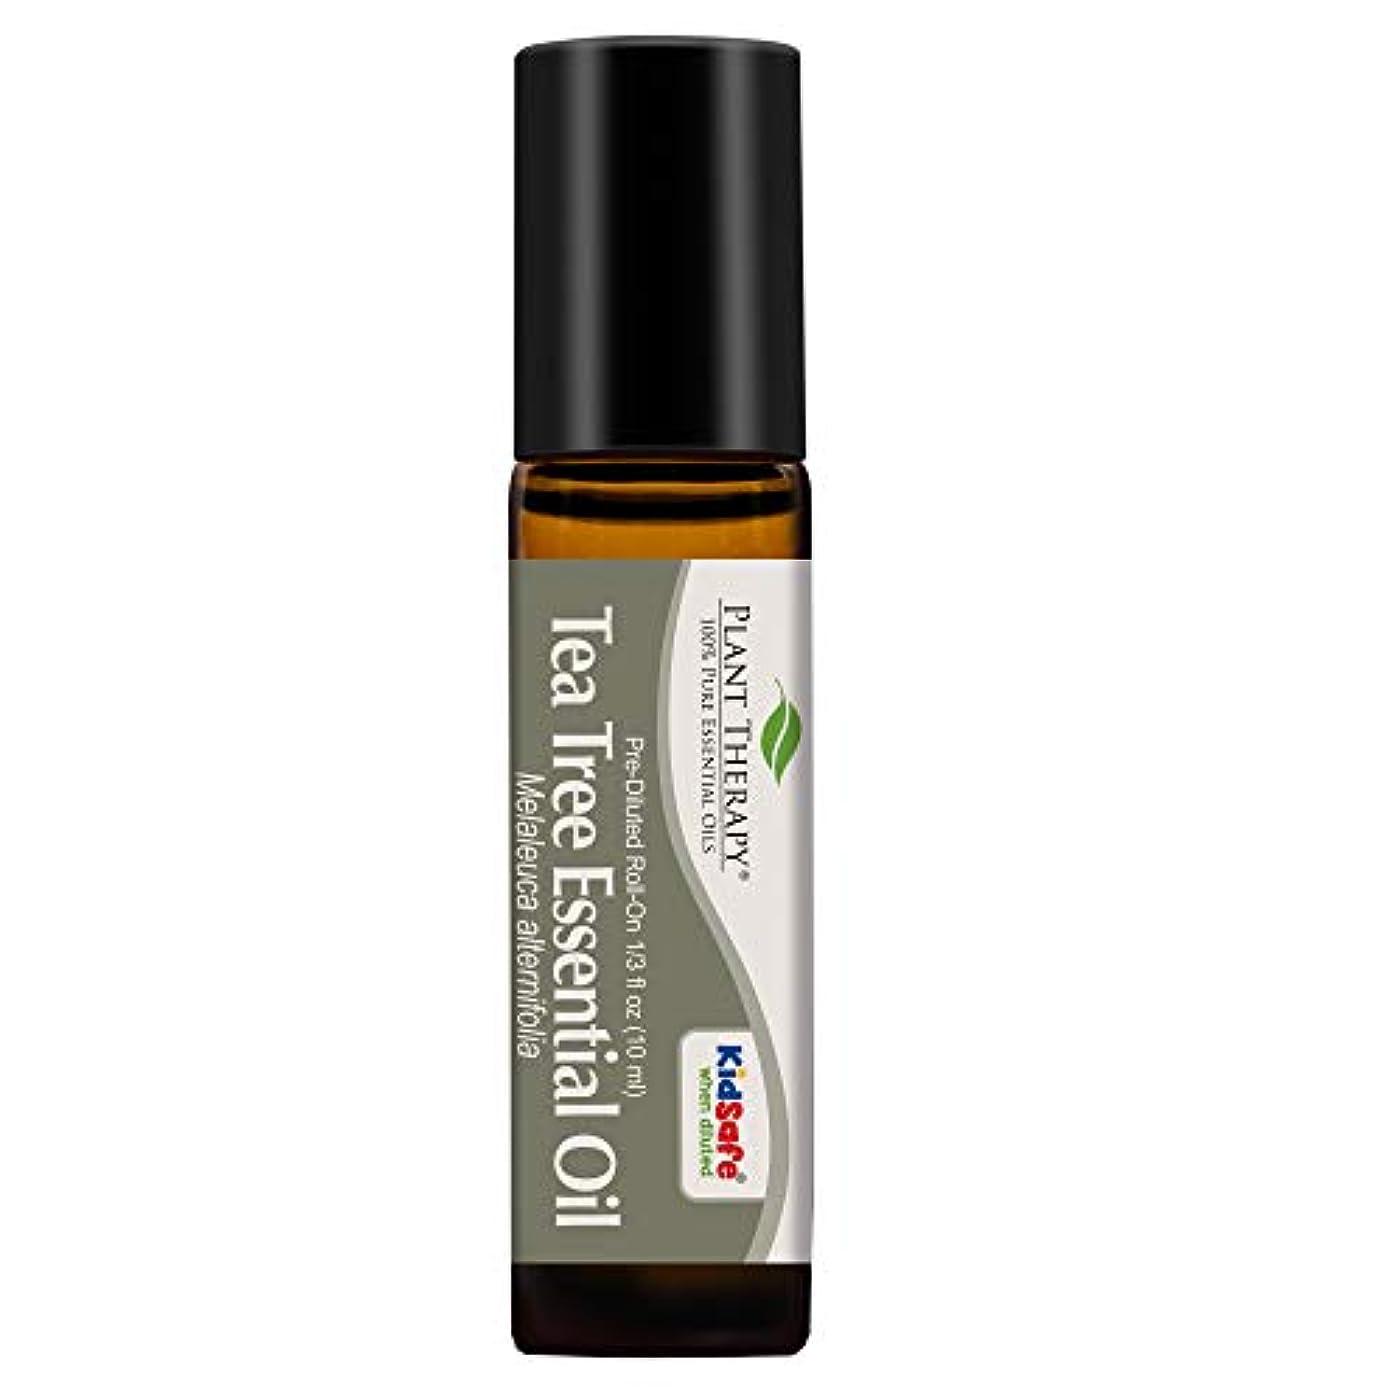 絶対のより良い海上Plant Therapy Tea Tree Pre-Diluted Roll-On 10 ml (1/3 fl oz) 100% Pure, Therapeutic Grade